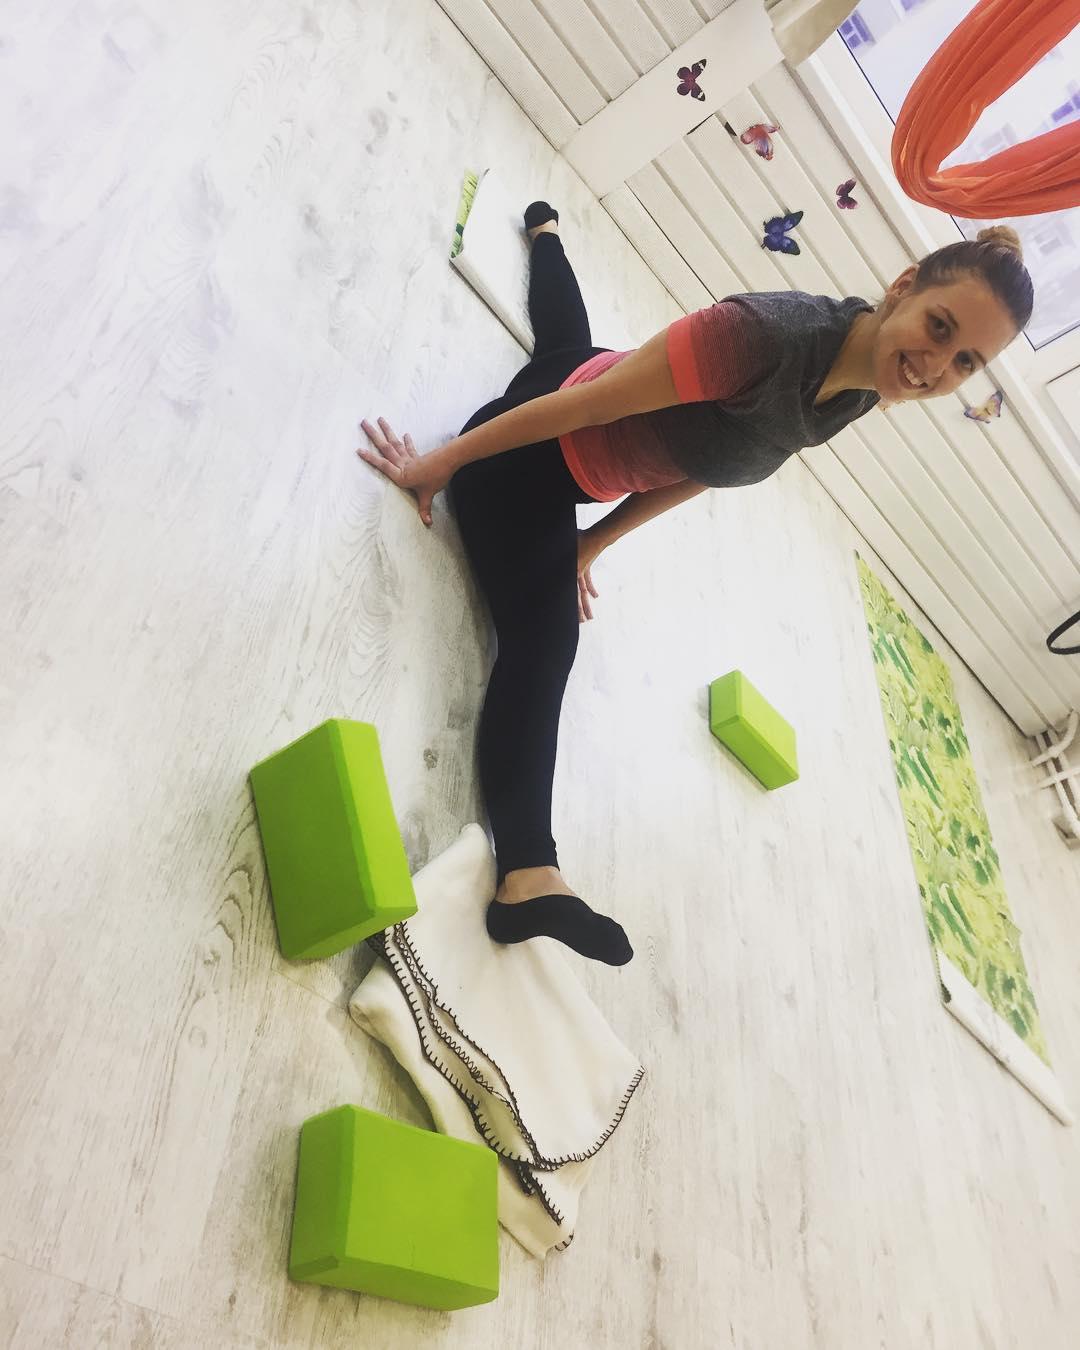 😍 Дарья, поздравляем 🎊 с красивым шпагатом. 😍 😁👏🏻 #растяжка  #стрейчинг  #нетпределасовершенству  #шпагат #шпагаткалининград  #мечта #флайстретчинг  #самаяэффективная  #эффектбабочки